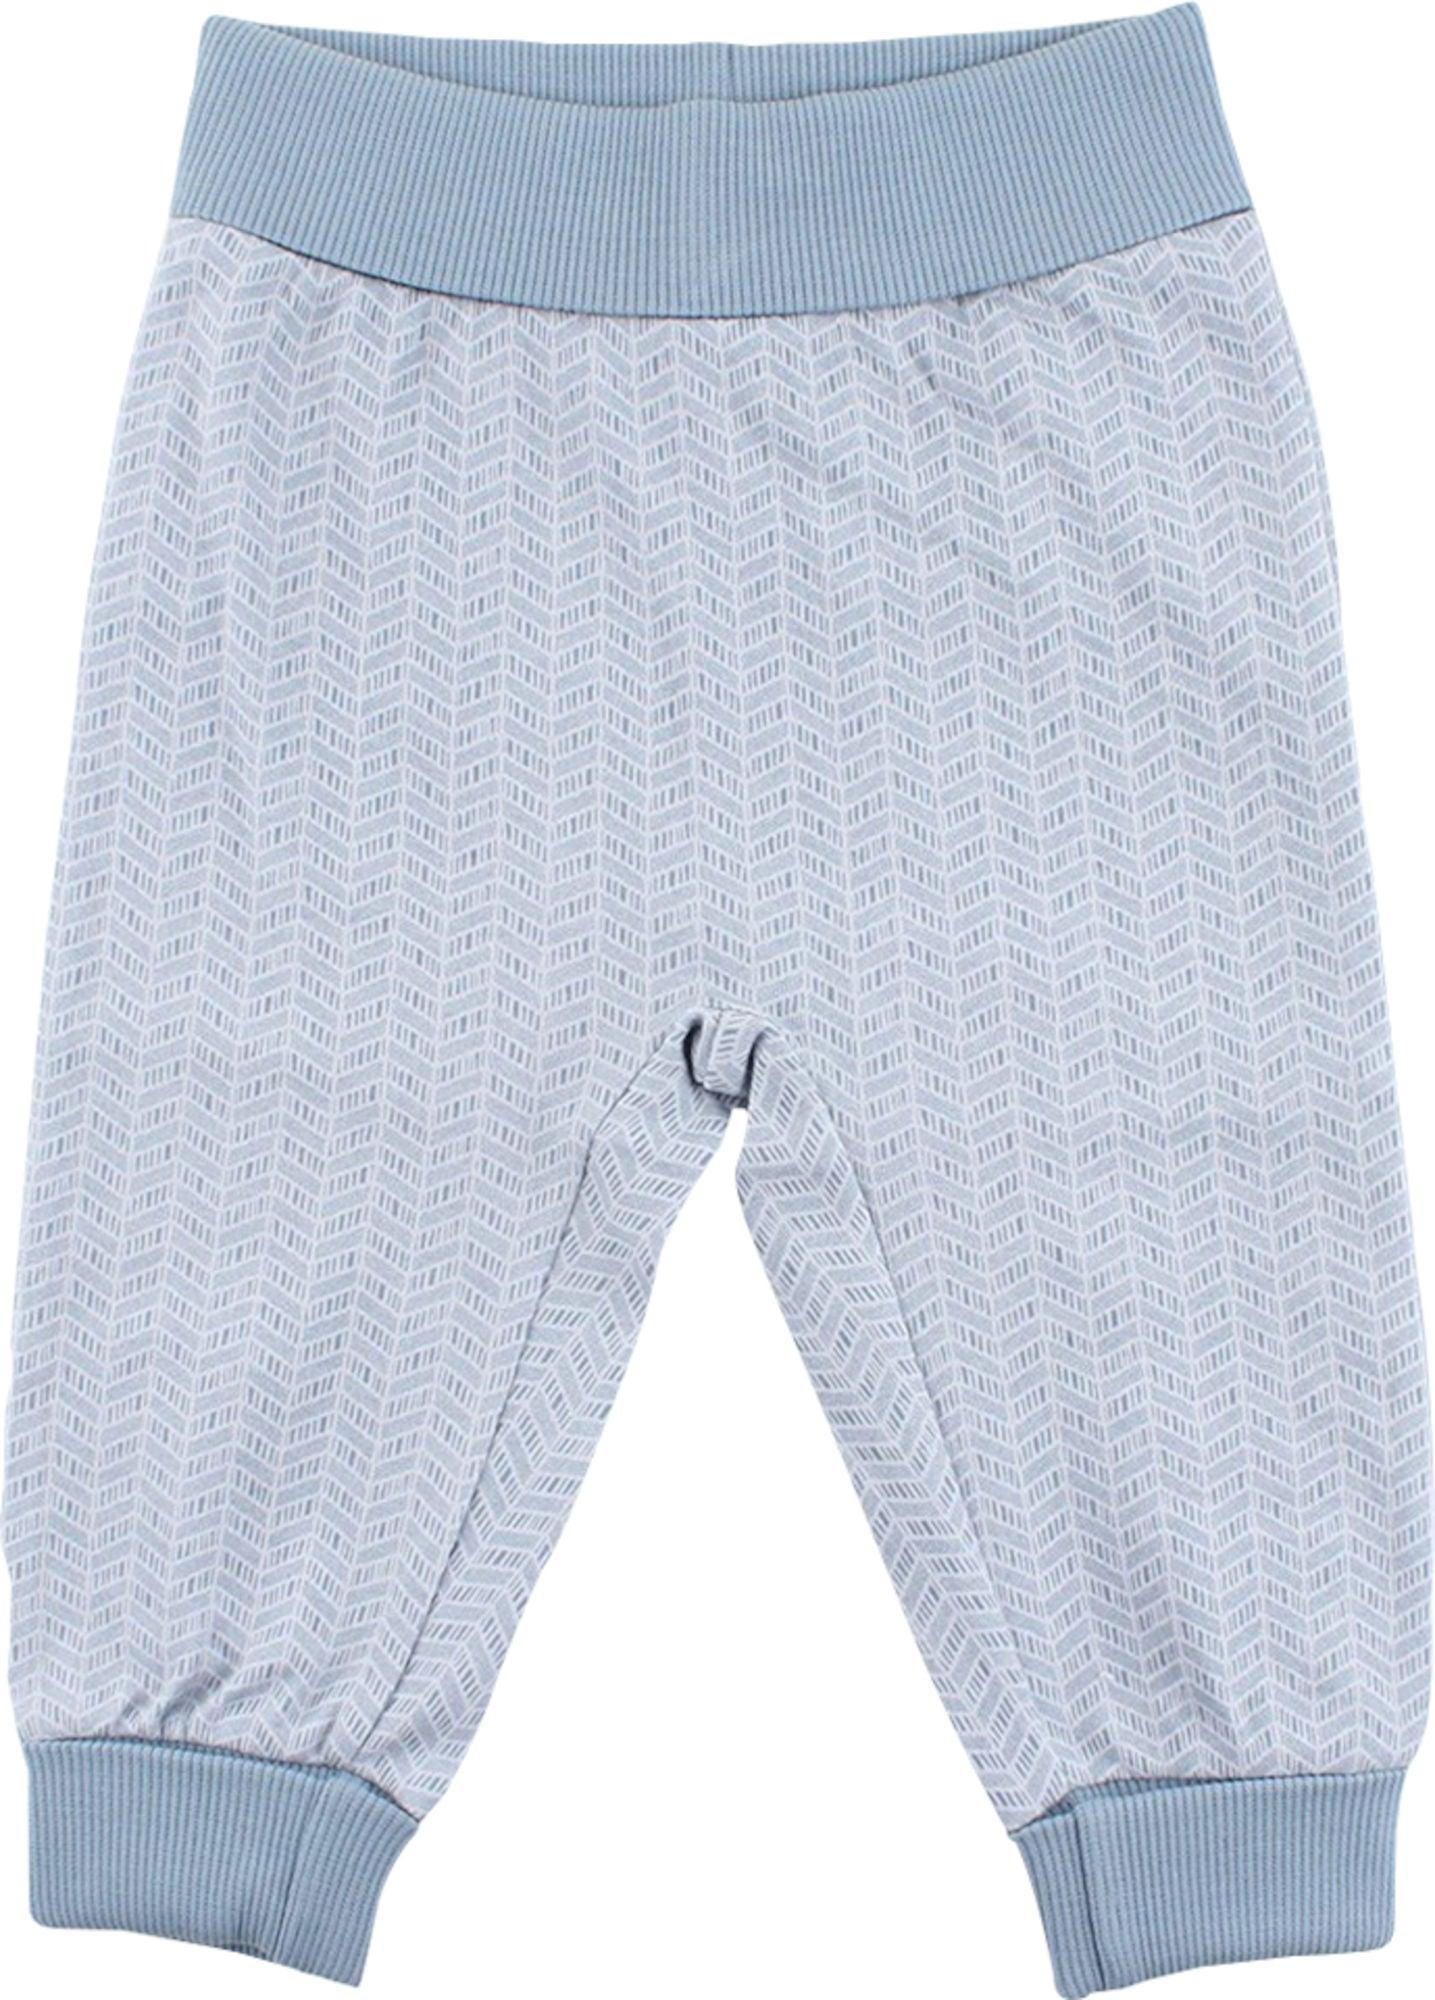 Køb Fixoni Into Bukser, Baby Blue | Jollyroom